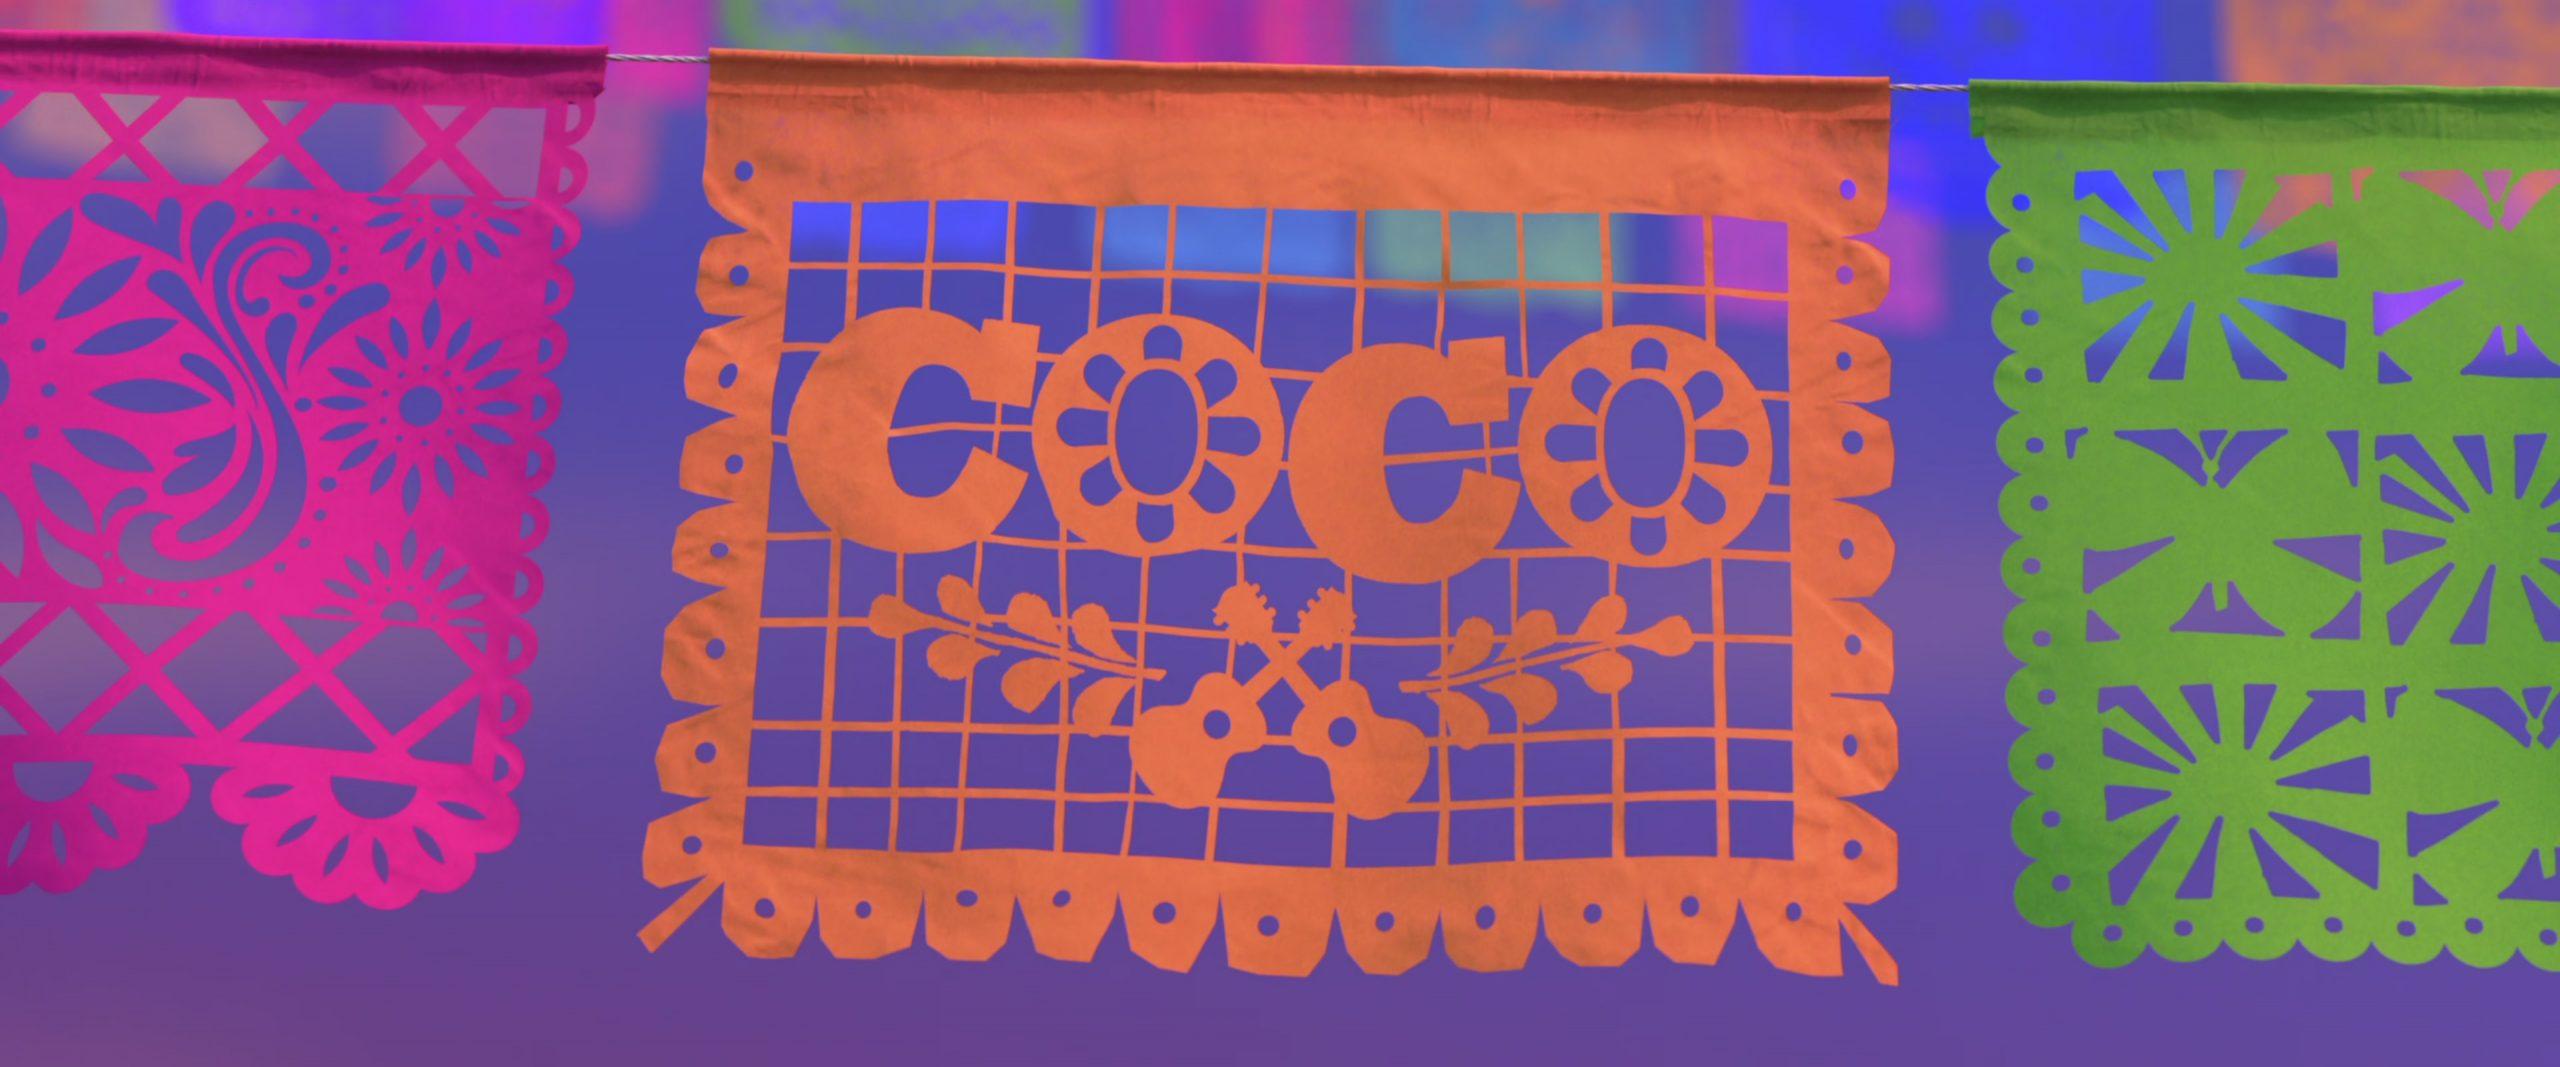 Coco (2017) [4K]